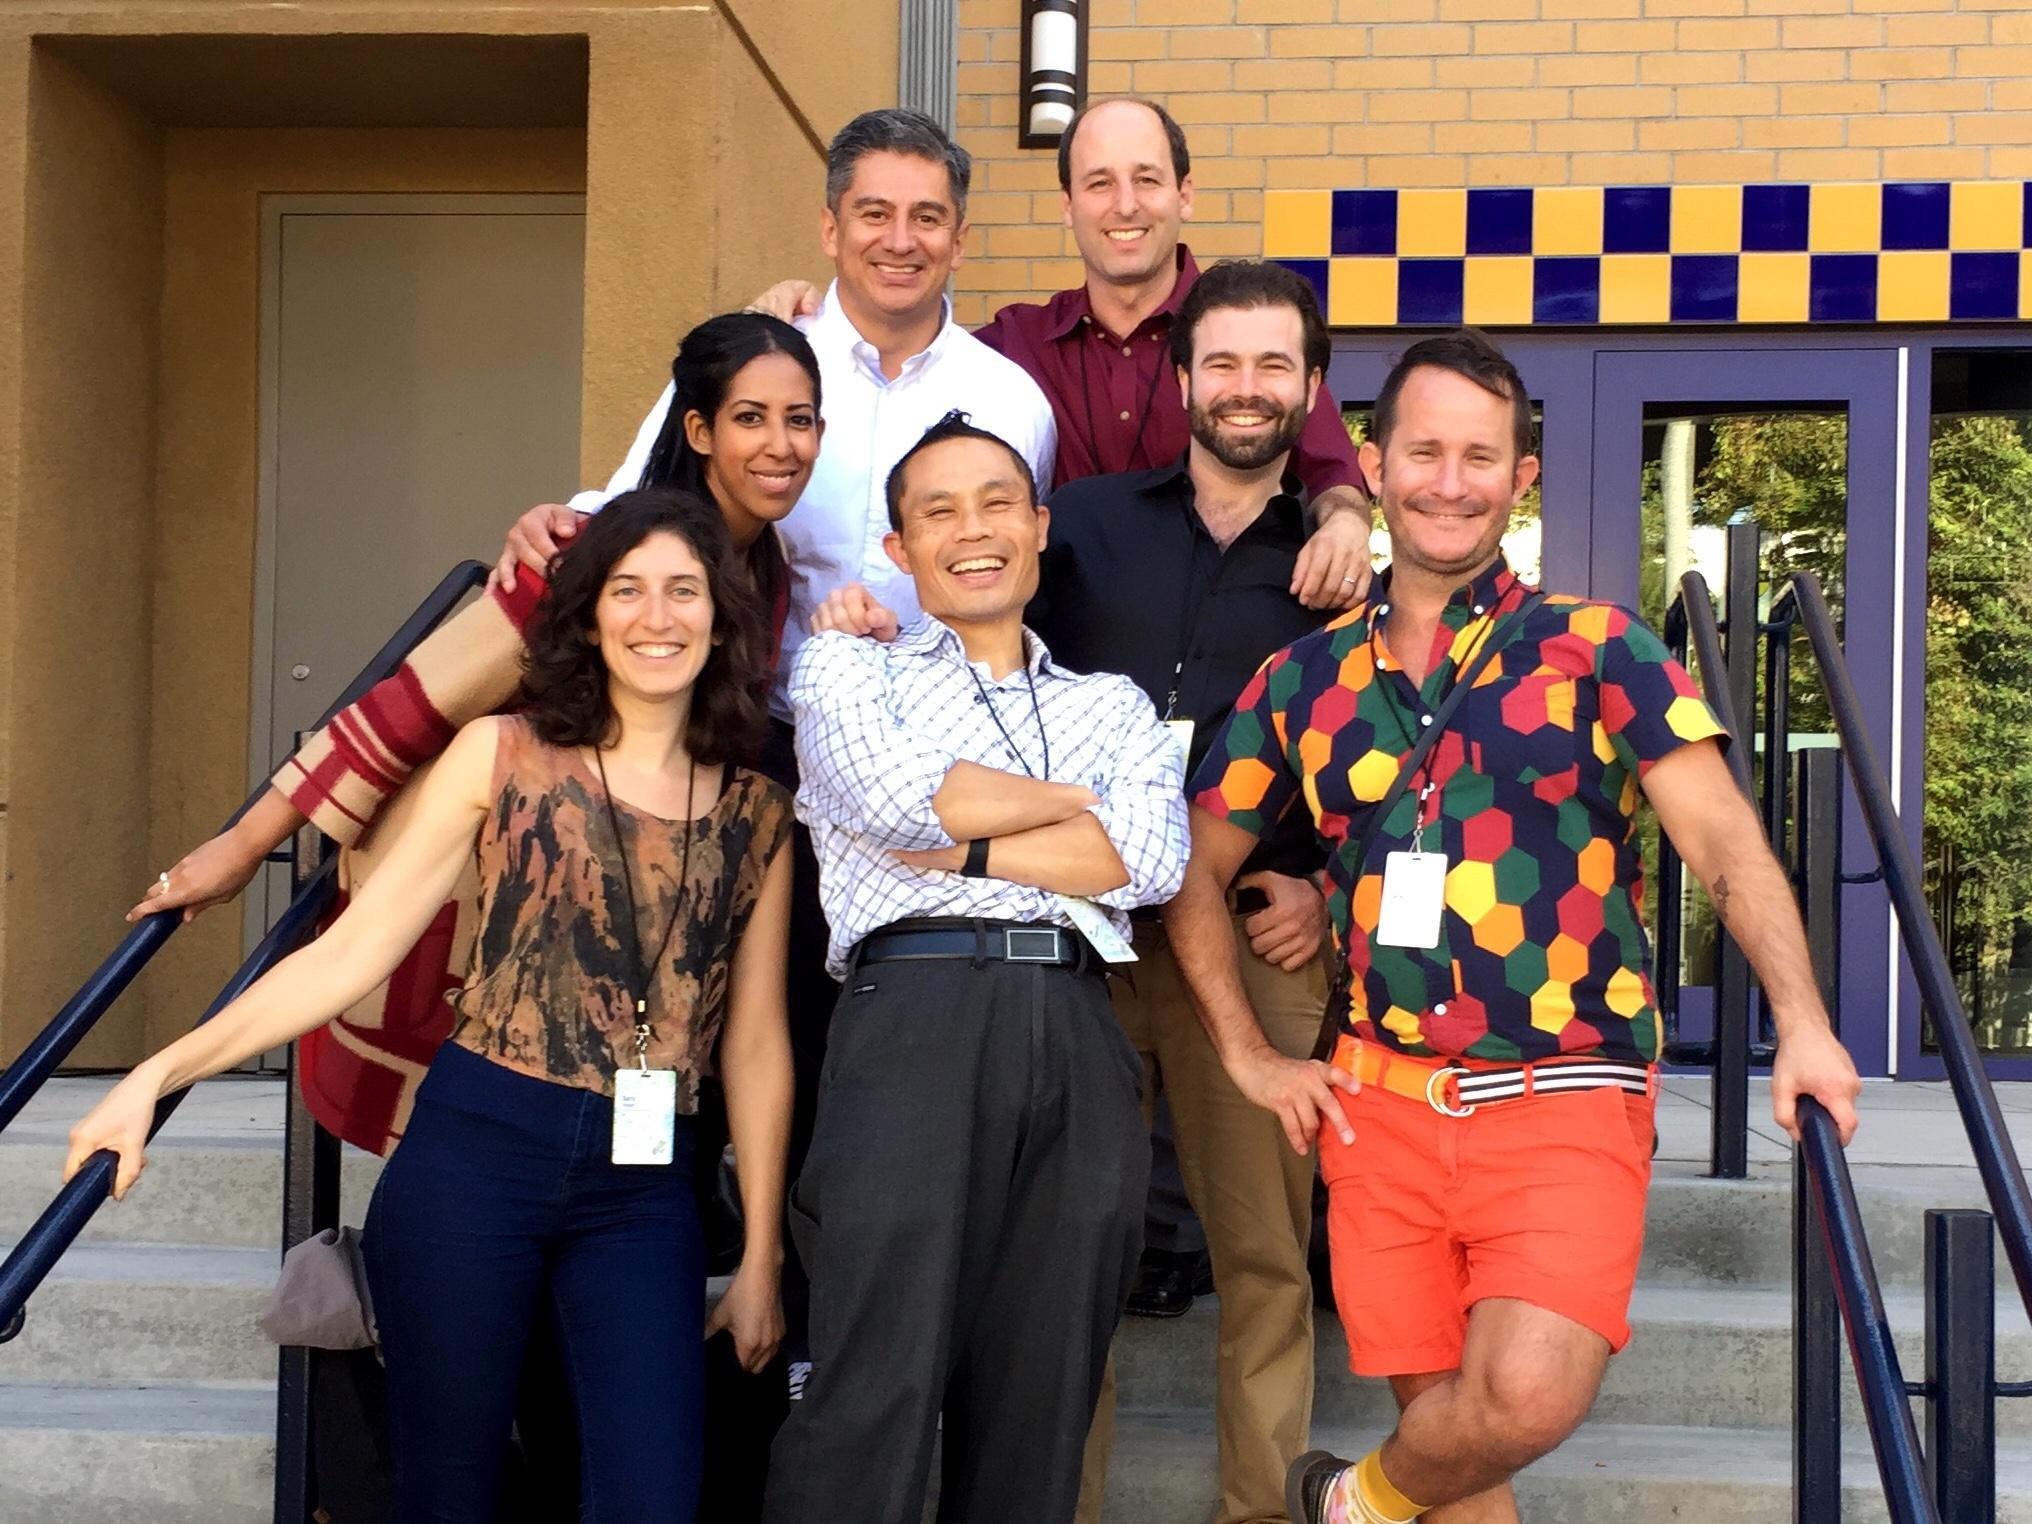 GK leaders Barry, Rafi, Juan, Sara, Ariam, Jack and Rik